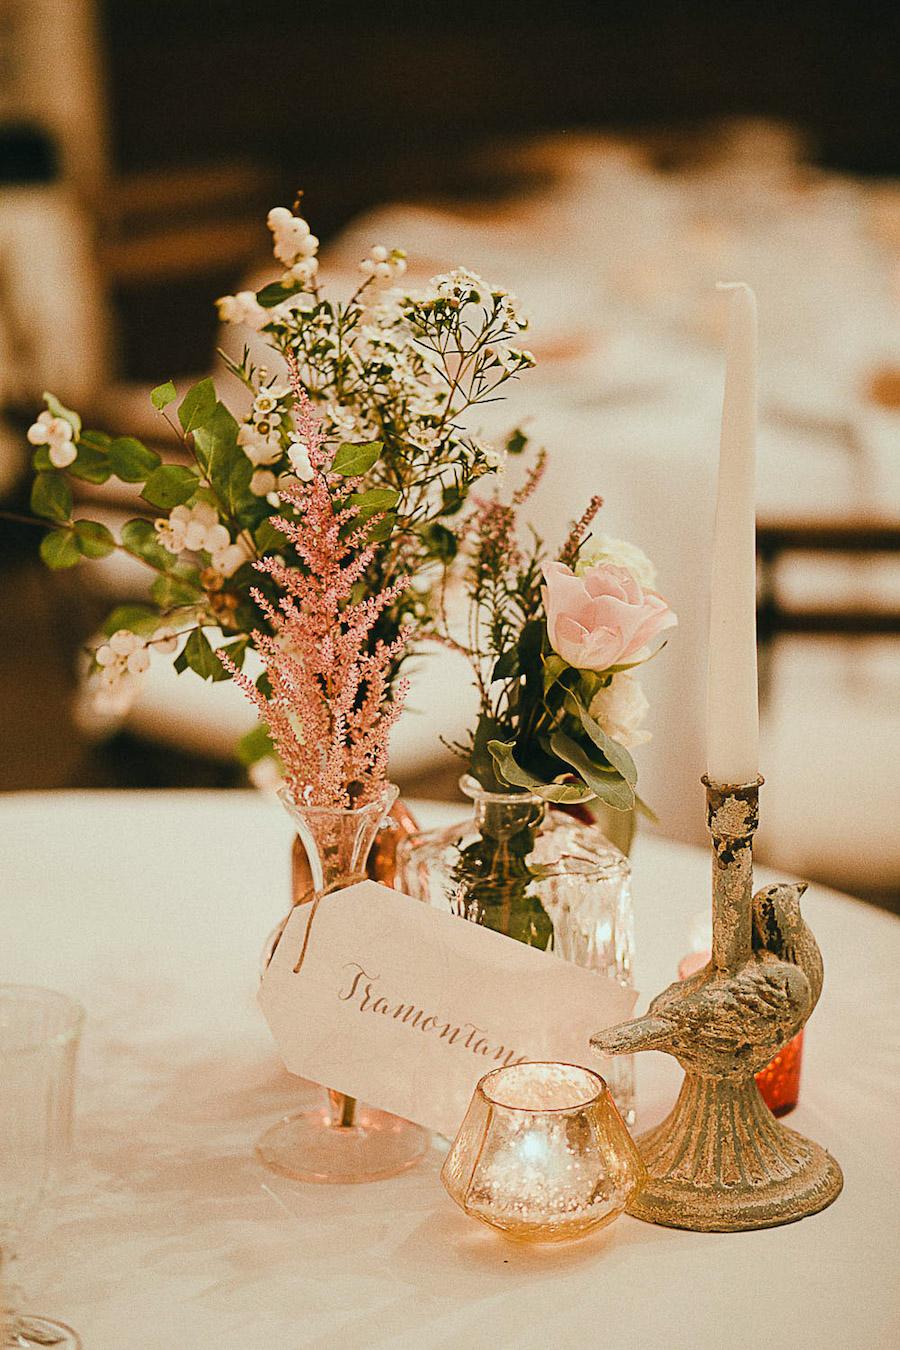 centrotavola con fiori rosa e bordeaux